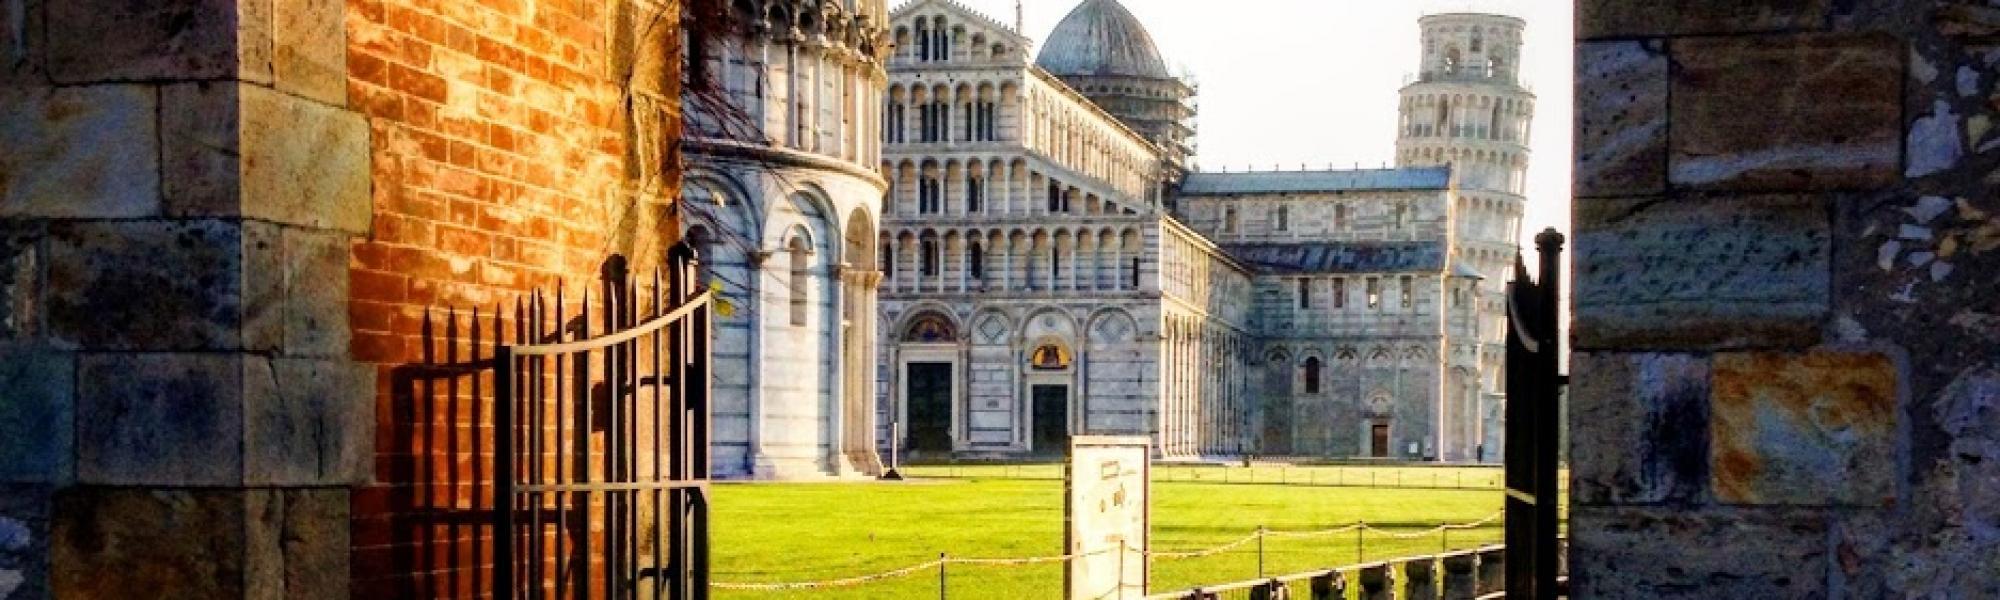 Piazza dei Miracoli (R. Cardini)